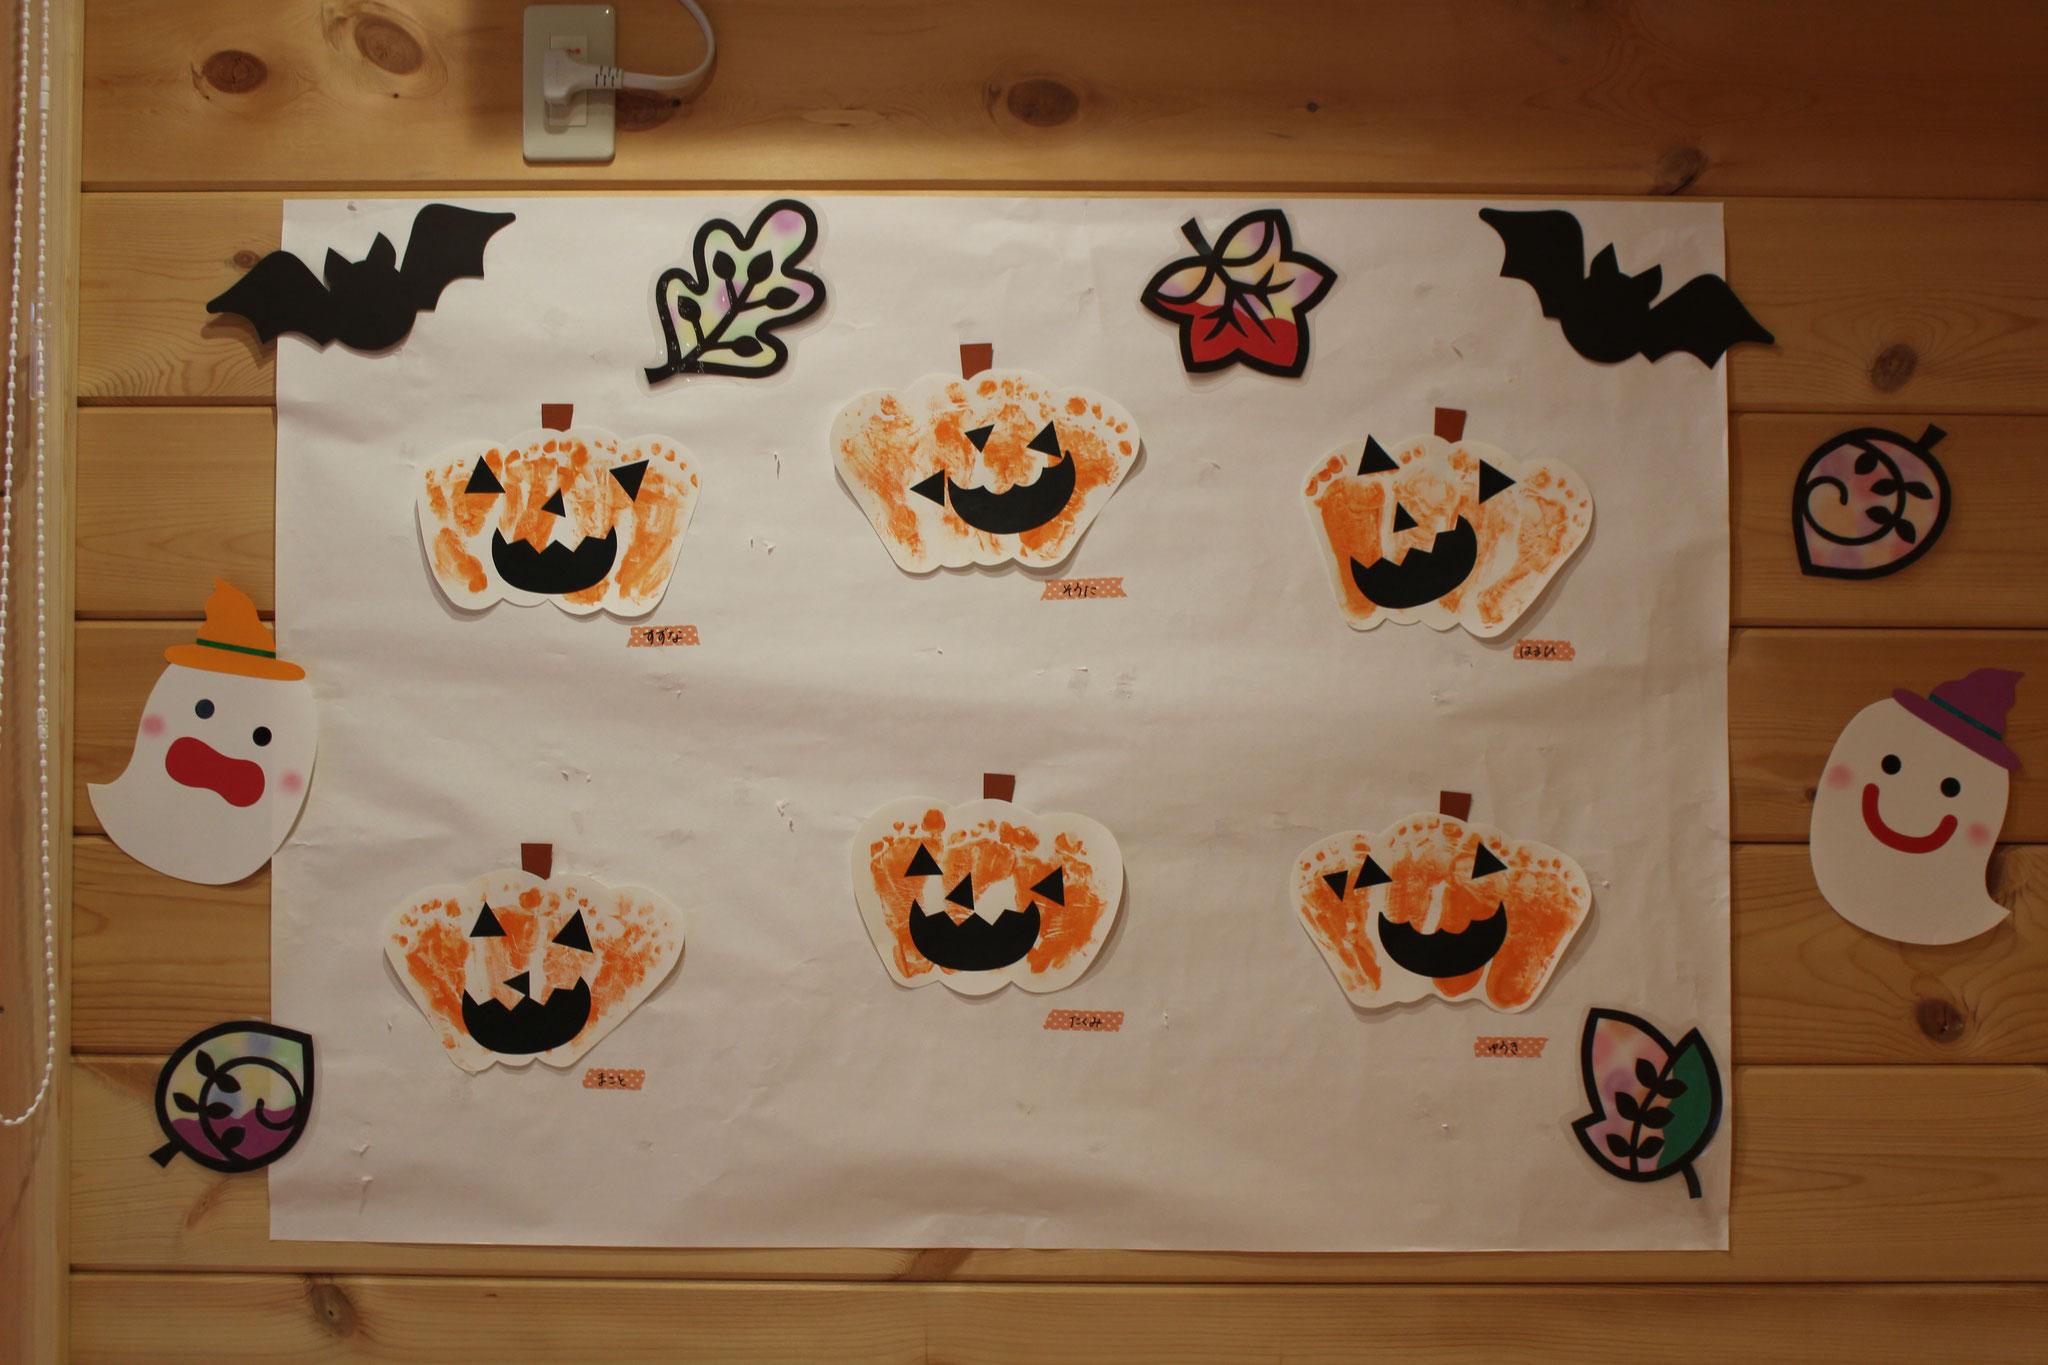 足のかたちが 4つならんで かぼちゃの形のできあがり~🎃 それぞれ 個性的な かぼちゃができたね\(^_^)/